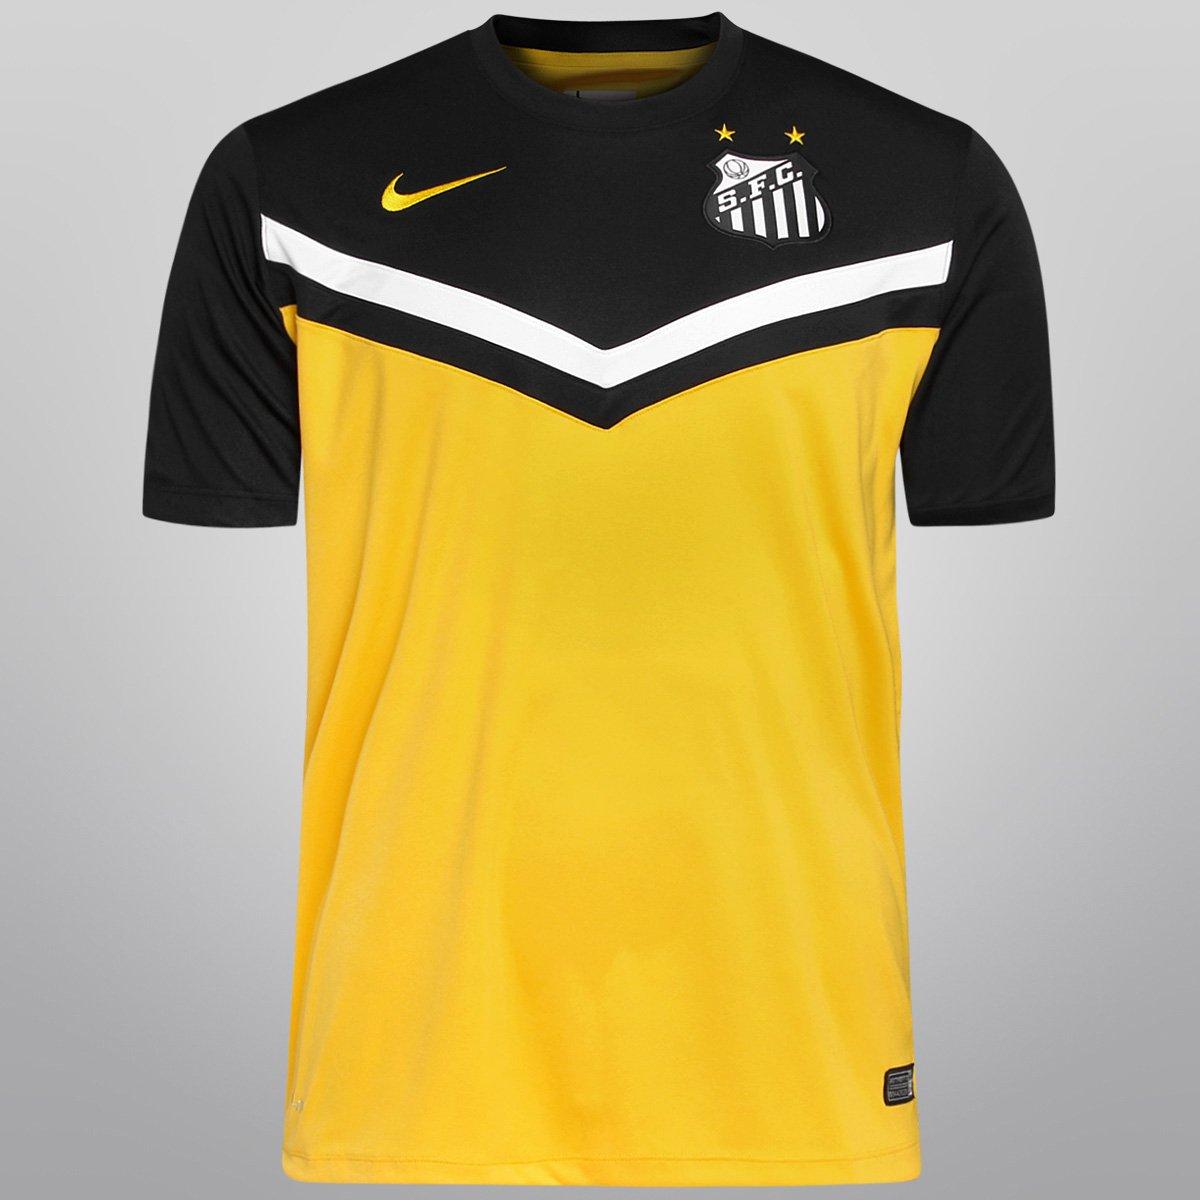 b776748b8d664 Camisa Nike Santos III 2014 s nº - Compre Agora